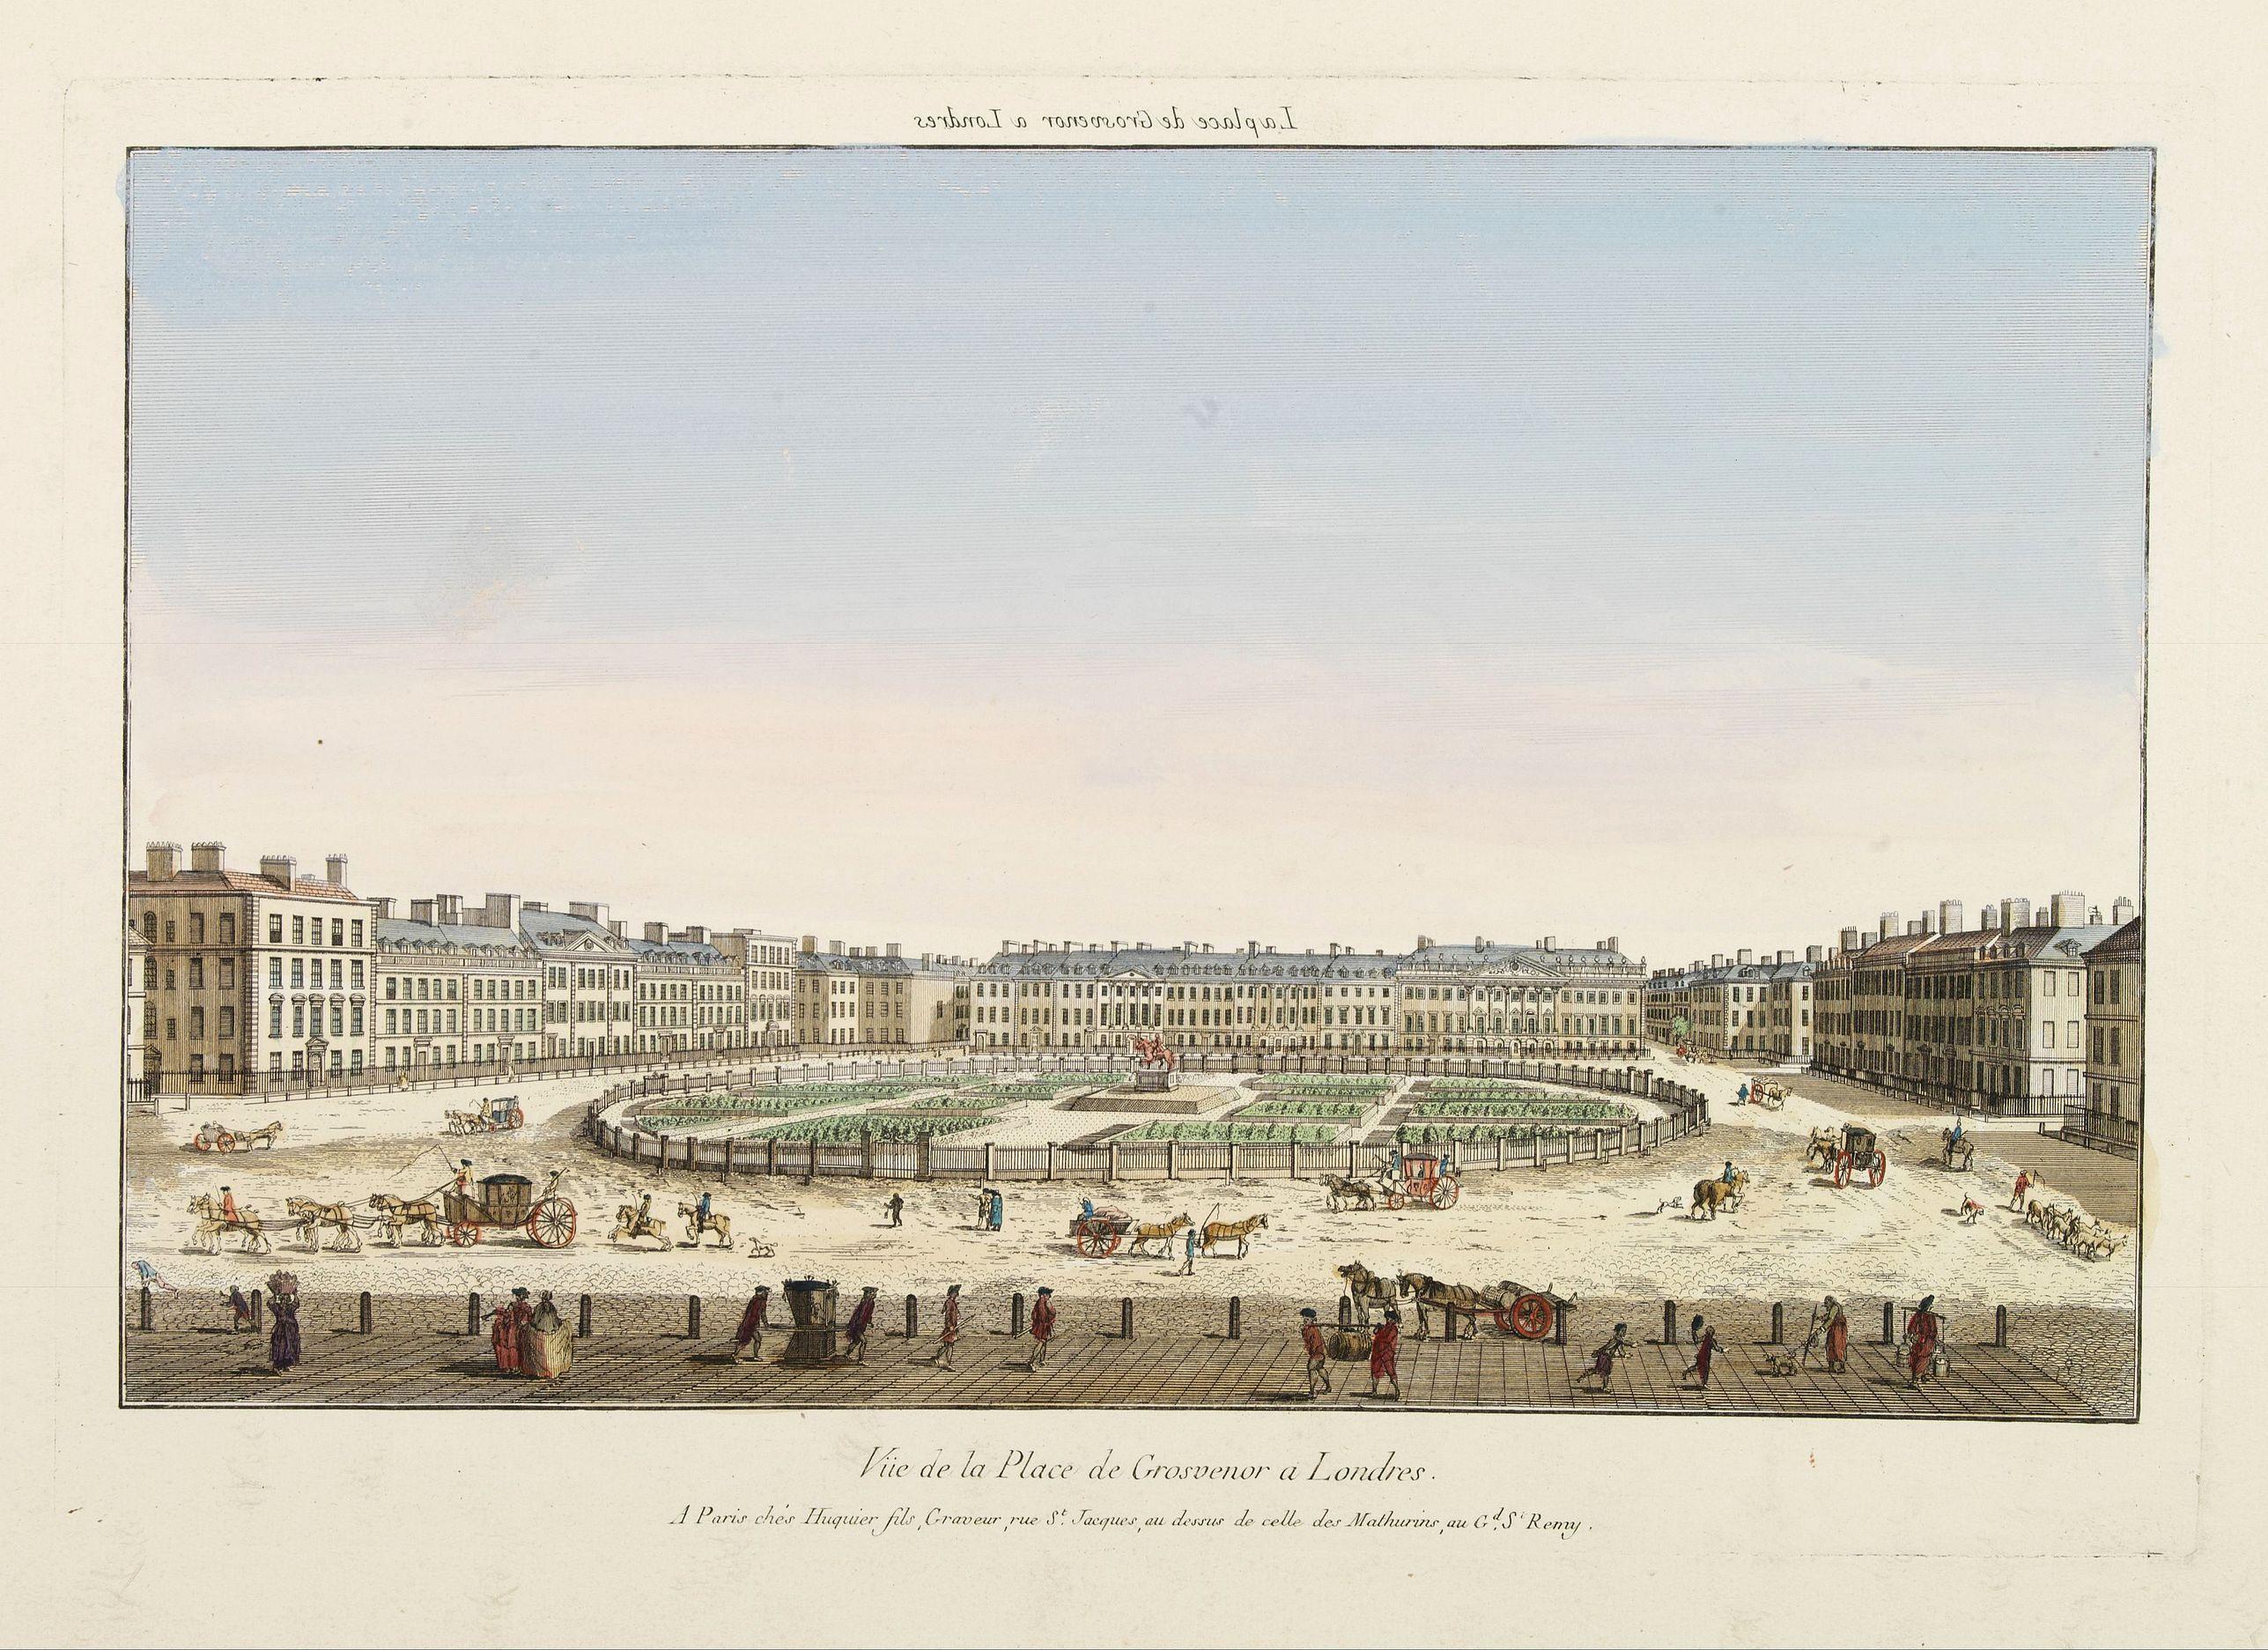 HUQUIER -  Vüe de la Place de Grosvenor a Londres.